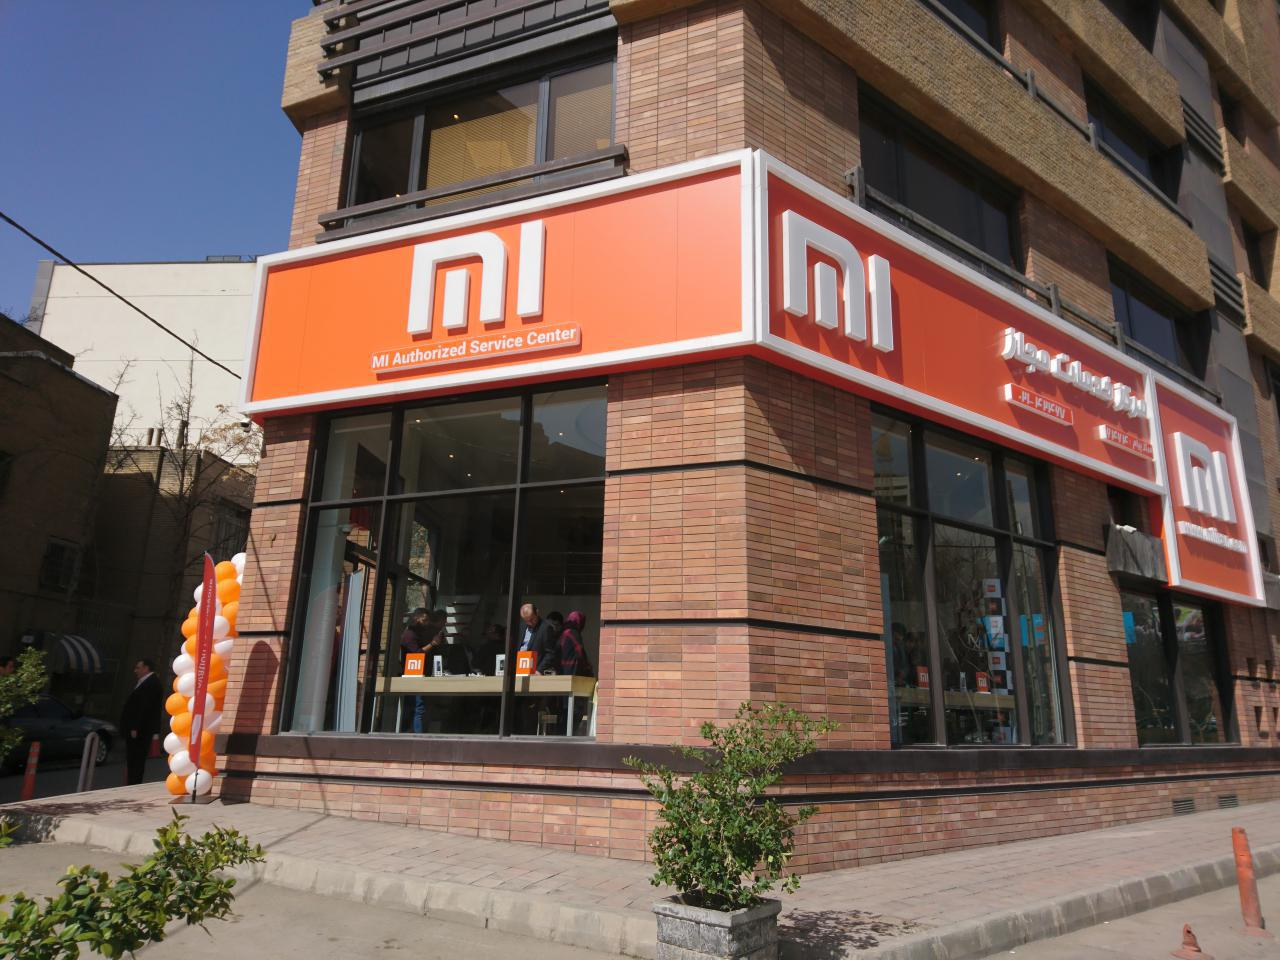 عرضه قانونی محصولات برند MI ؛ تسک میران وارد کننده قانونی و رسمی محصولات در ایران